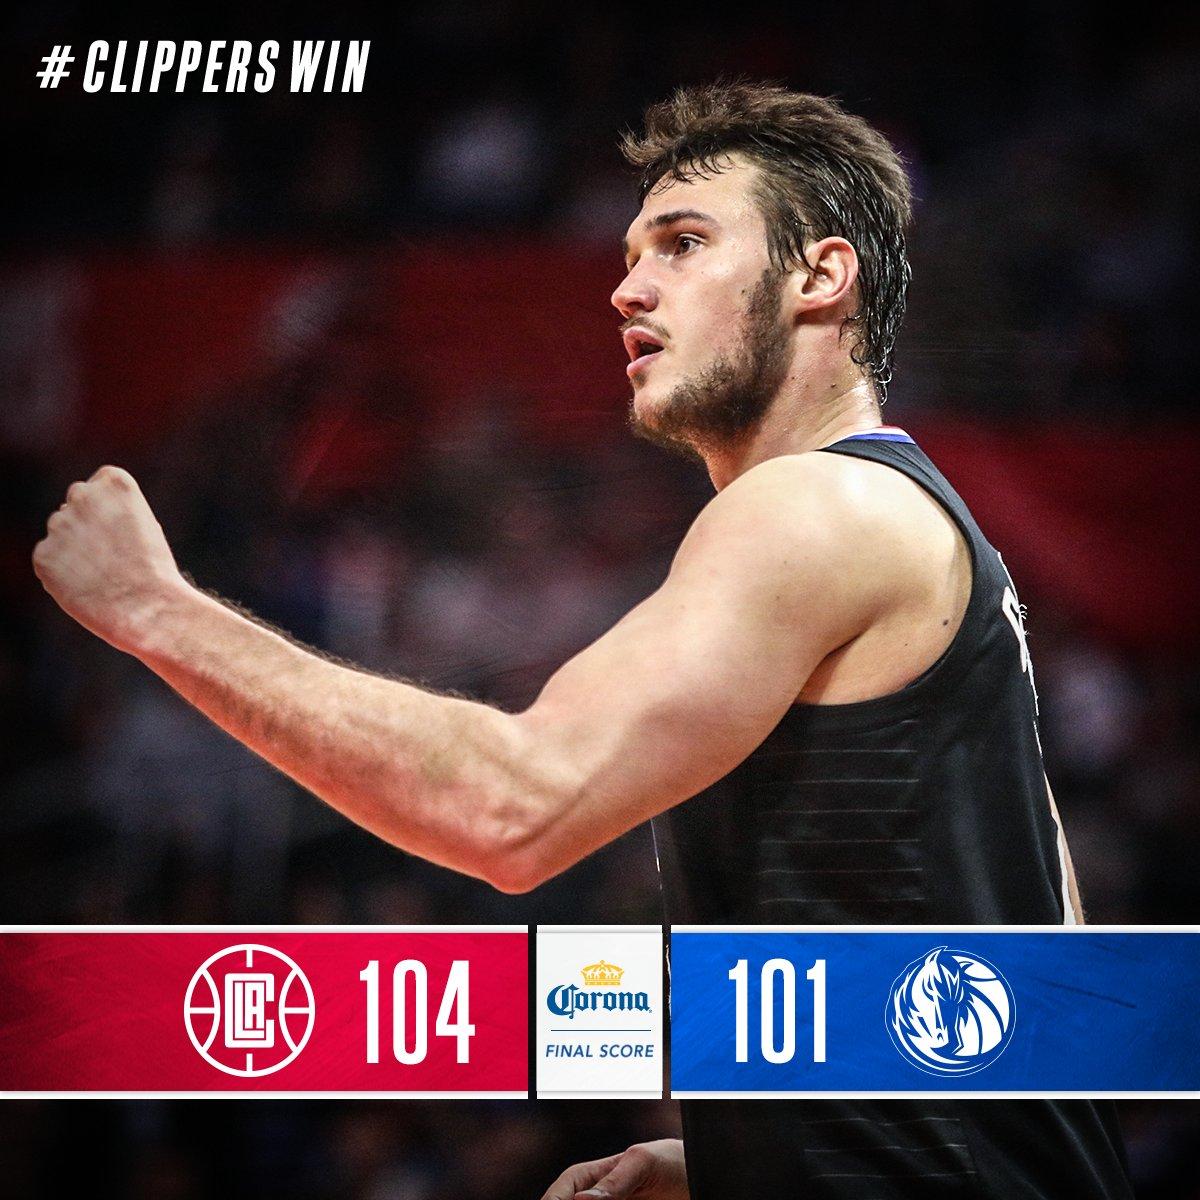 La Clippers Vs Dallas Mavericks 2 5 18